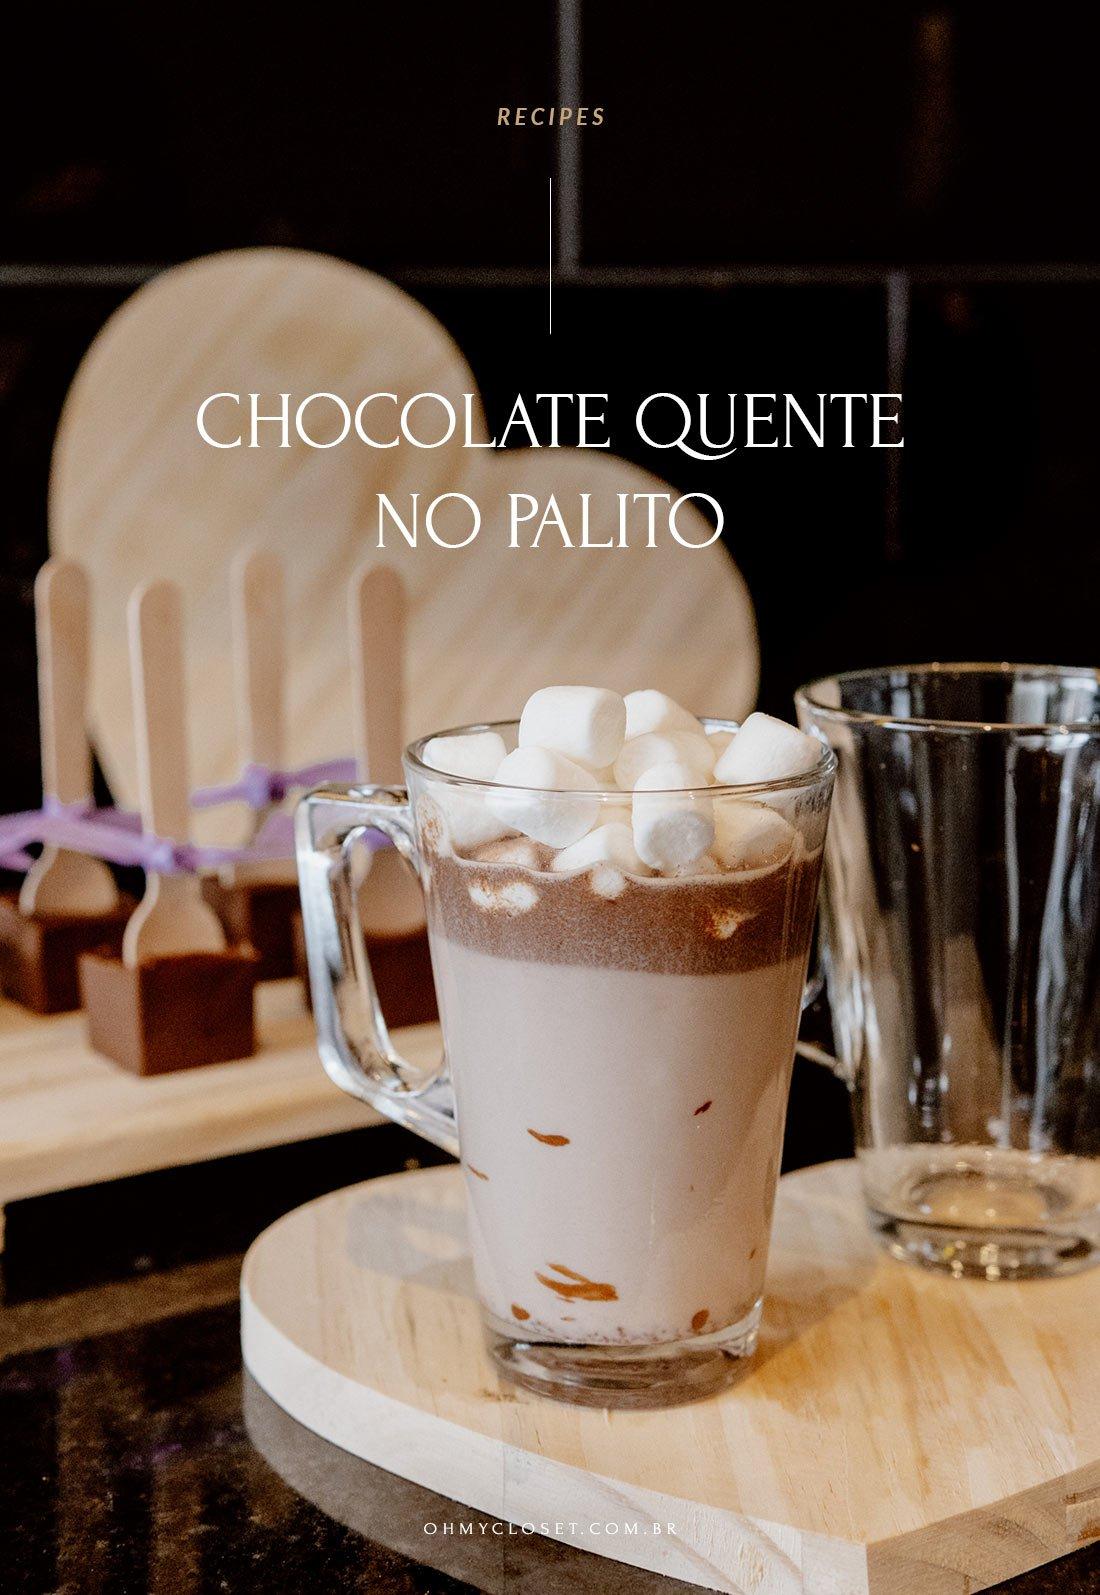 Receita de chocolate quente no palito.